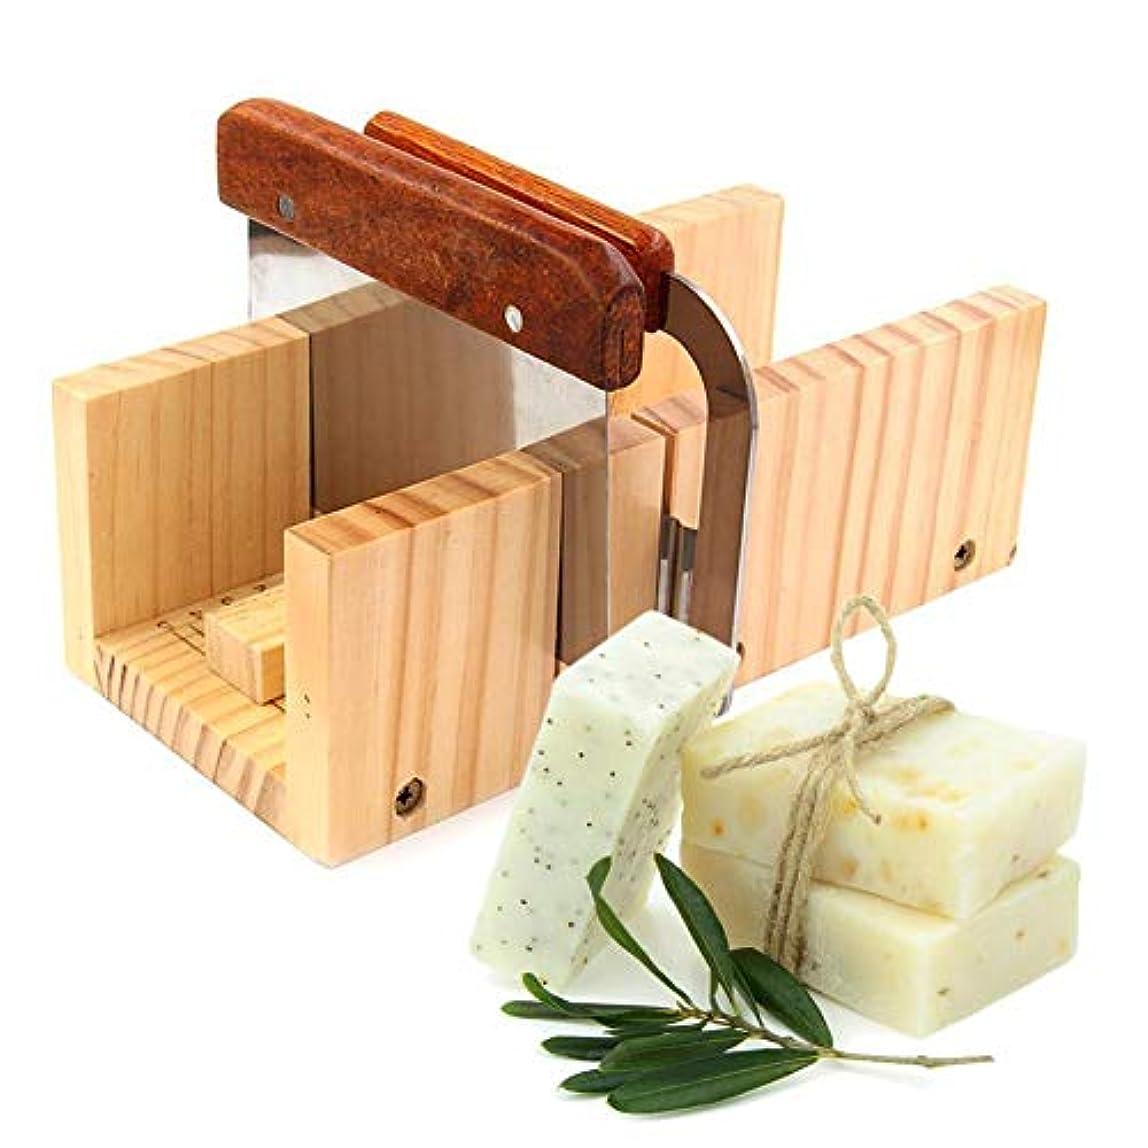 印象派きゅうり対応するRagem ソープカッター 手作り石鹸金型 木製 ローフカッターボックス 調整可能 多機能ソープ切削工具 ストレートプレーニングツール